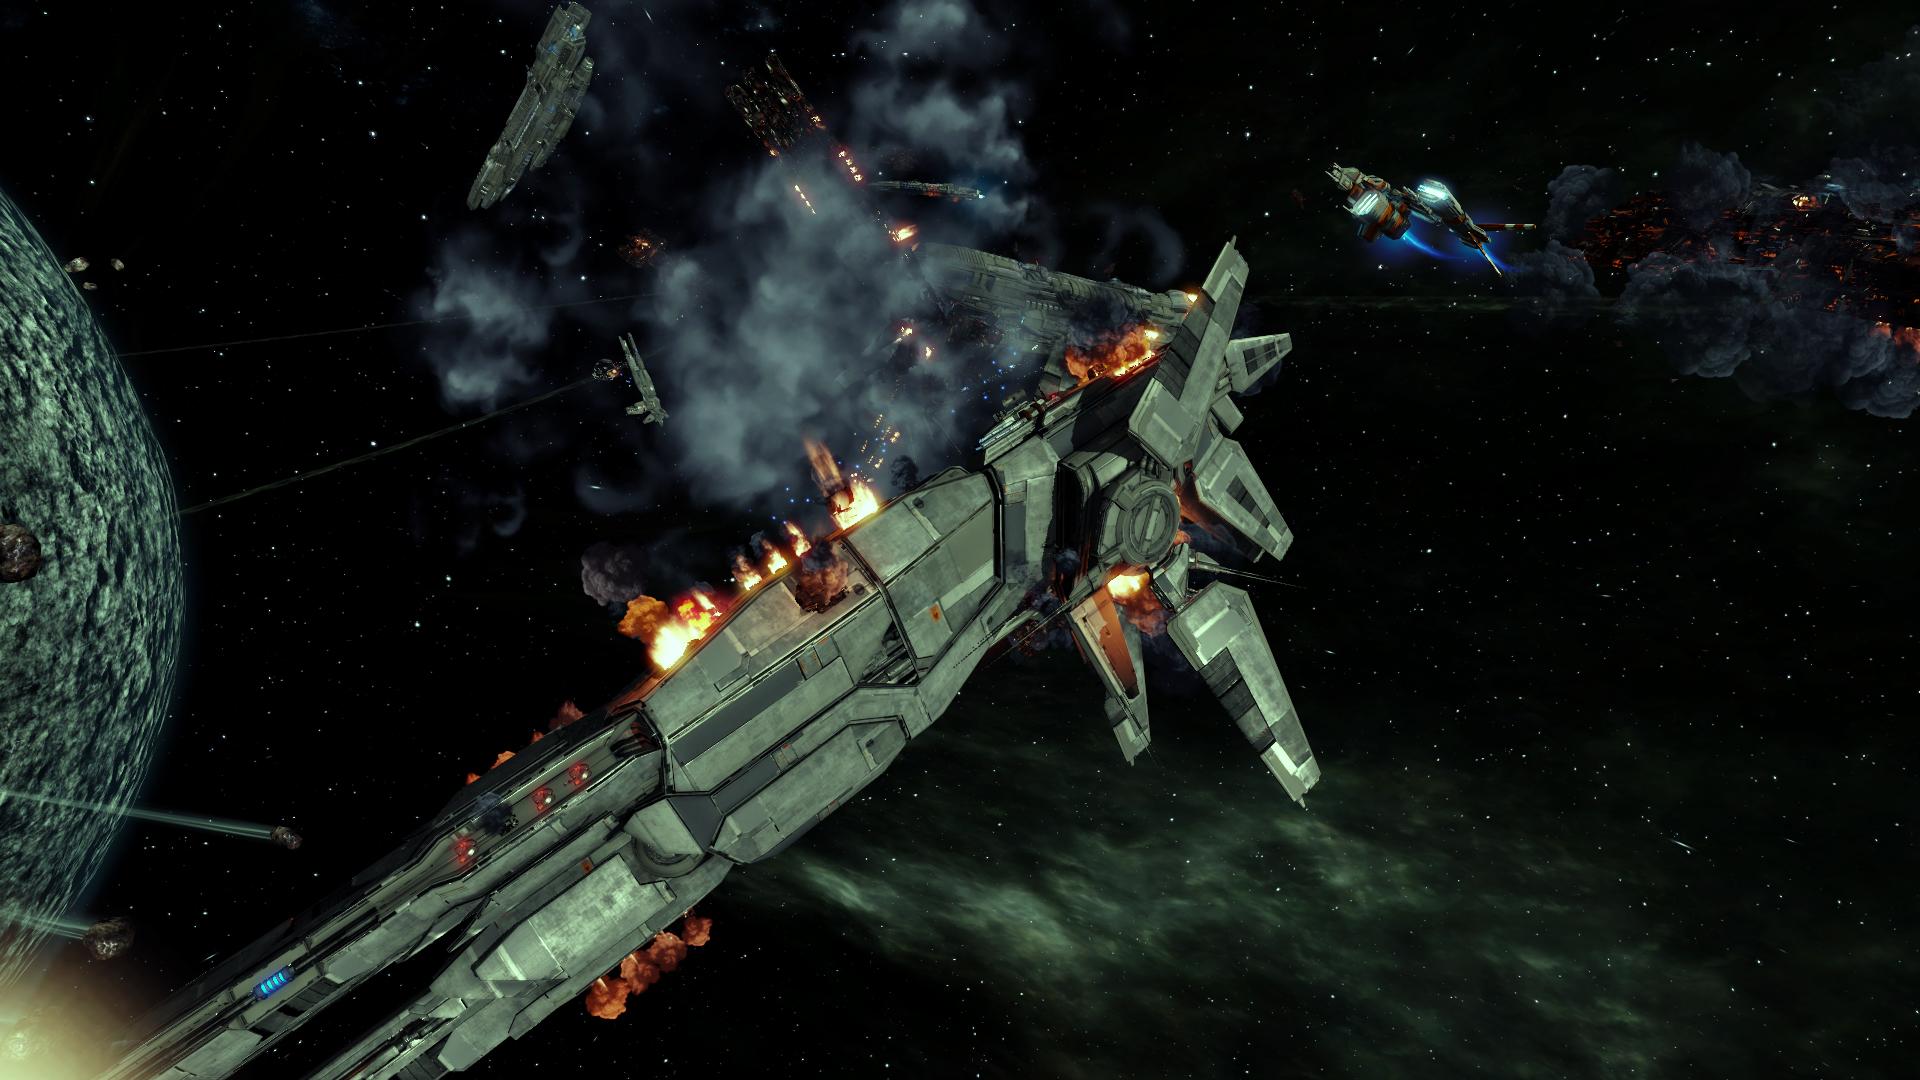 介绍个最新太空游戏——x-重生x:rebirth测评(太空